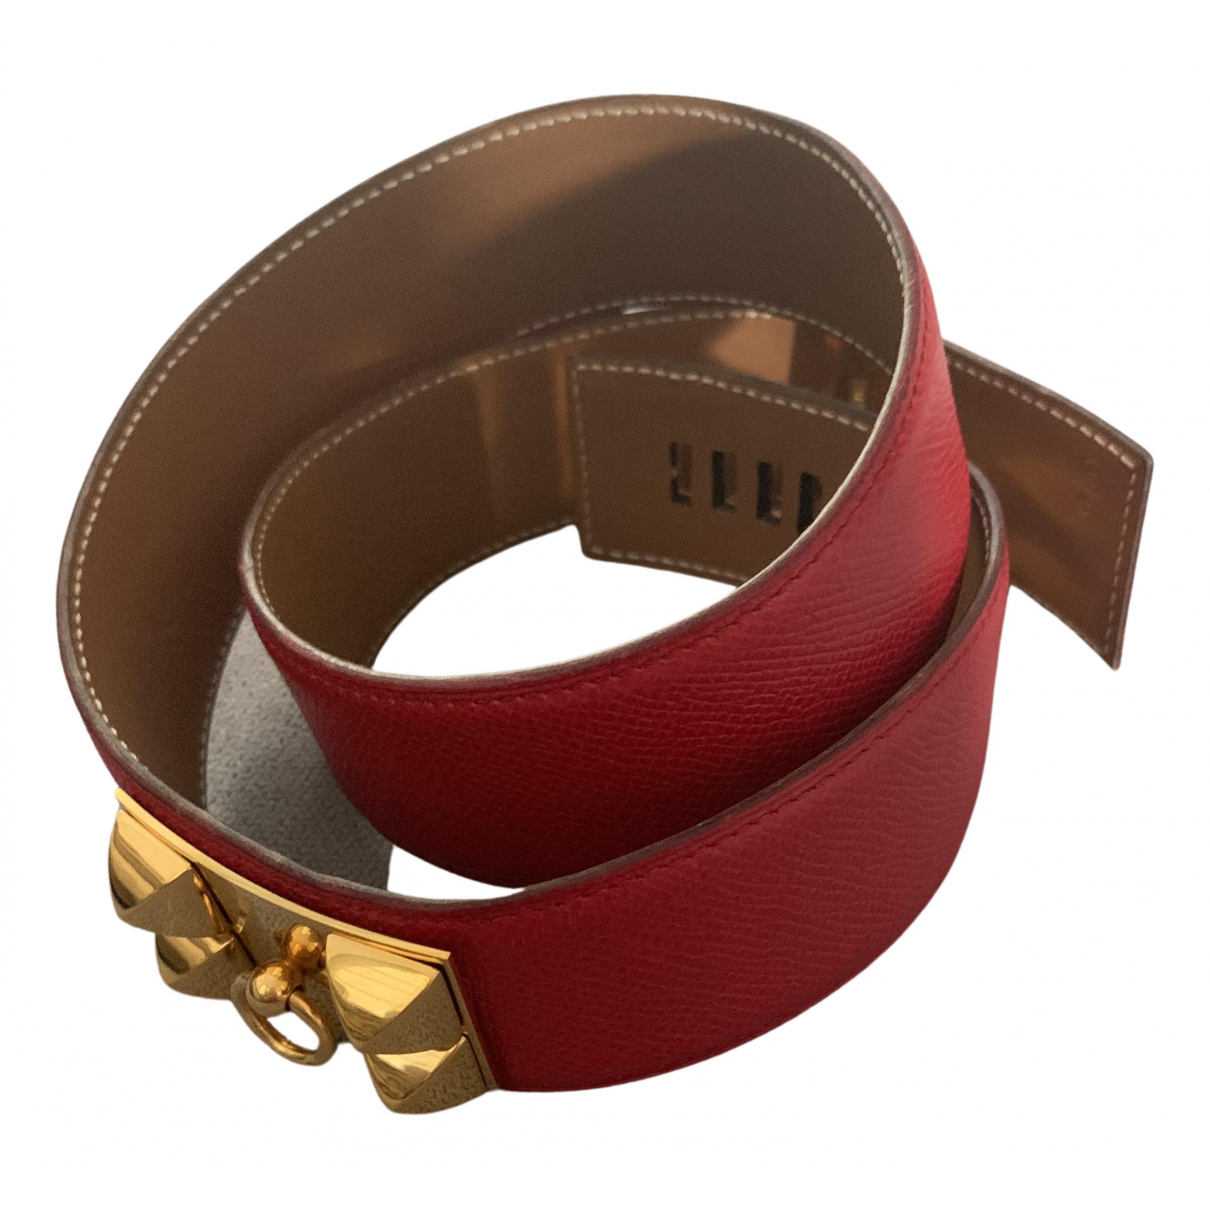 Hermes Collier de chien Guertel in  Rot Leder